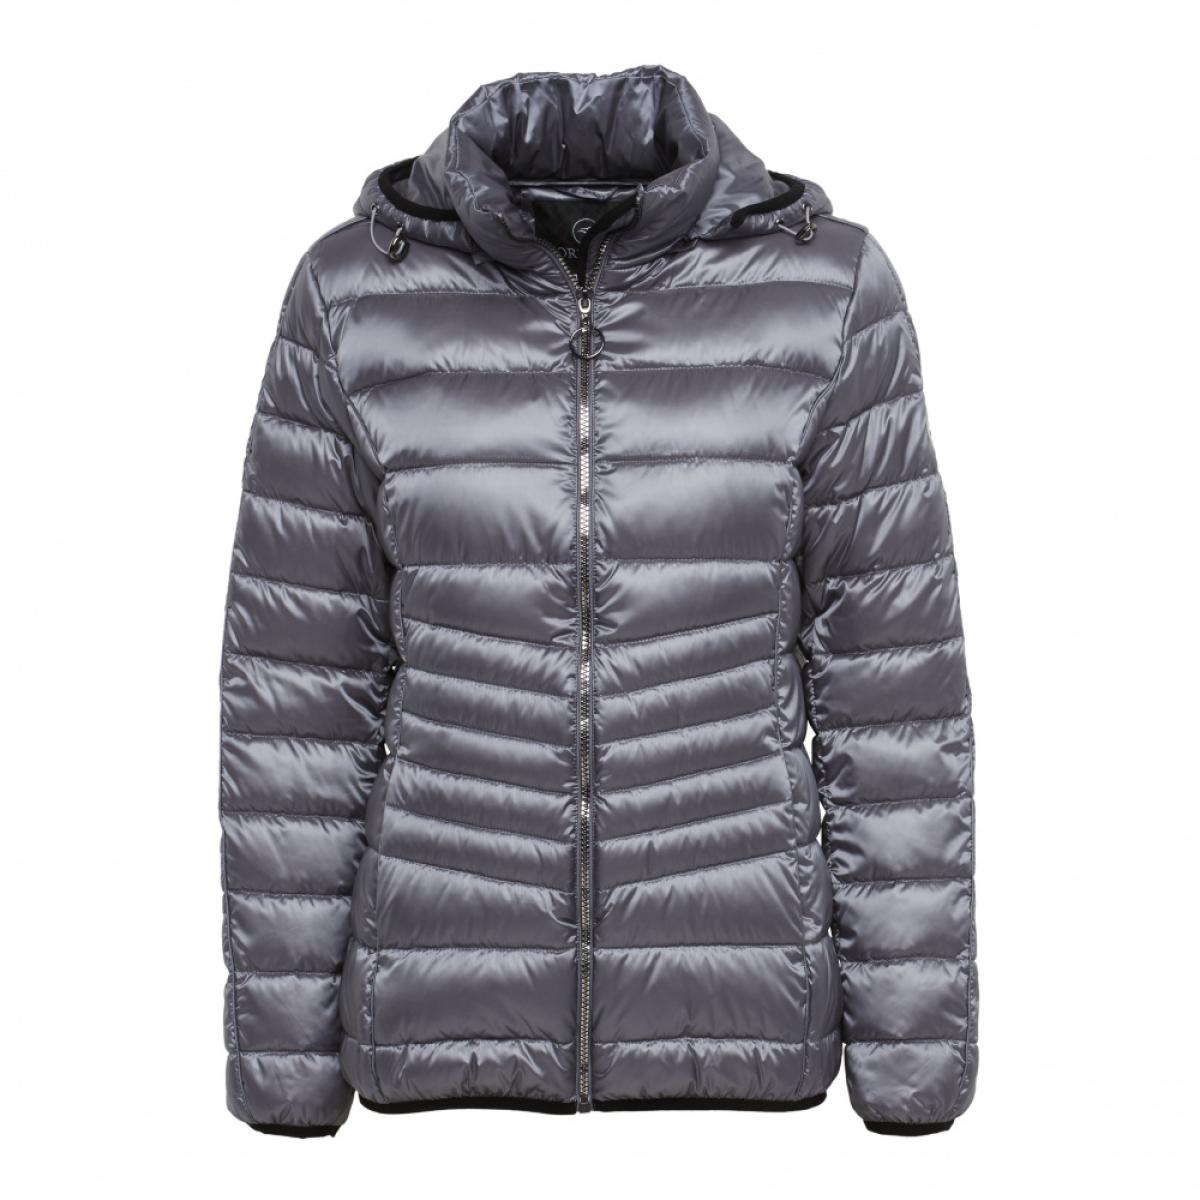 e22008d7 Normann coat lett dunjakke style 9206 - The Dressingroom